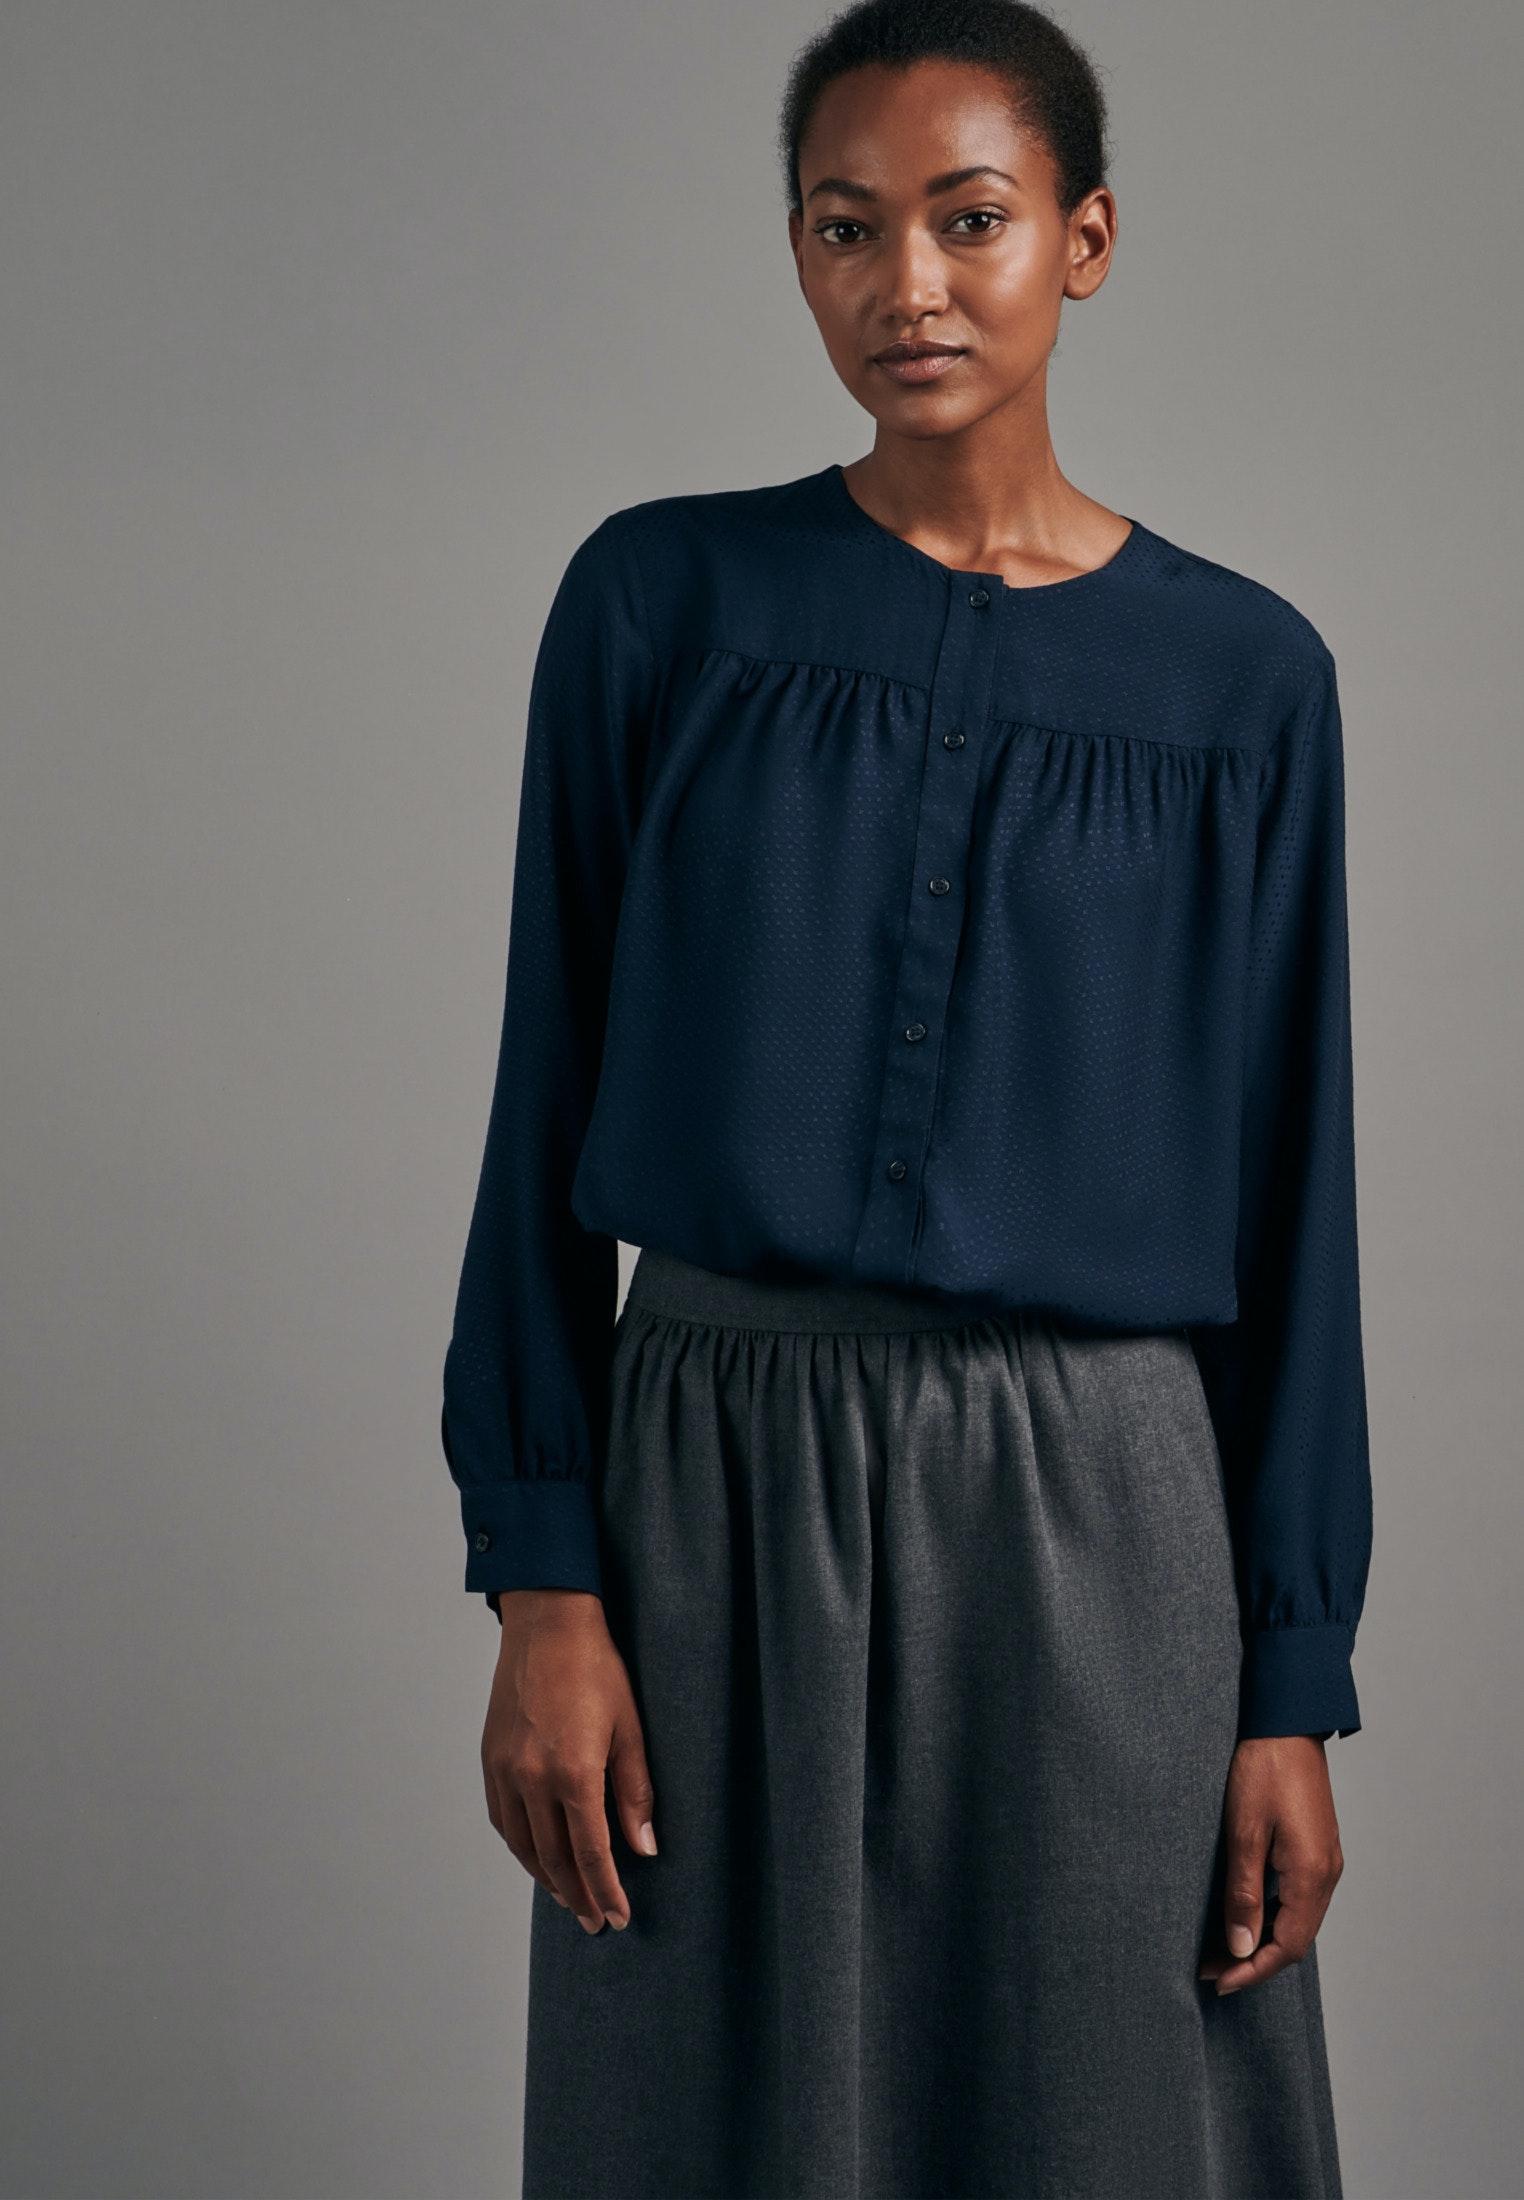 Artikel klicken und genauer betrachten! - Diese langärmelige Fashion-Bluse von Seidensticker versprüht zeitlosen Chic gepaart mit modischer Finesse. Der gerade geschnittene Viskose-Stoff sorgt für ein angenehmes, weiches Tragegefühl. Das Jacquard-Gewebe sieht nur auf den ersten Blick unifarben aus, es ist filigran gemustert. Mit eleganten Perlmutt-Knöpfen. | im Online Shop kaufen